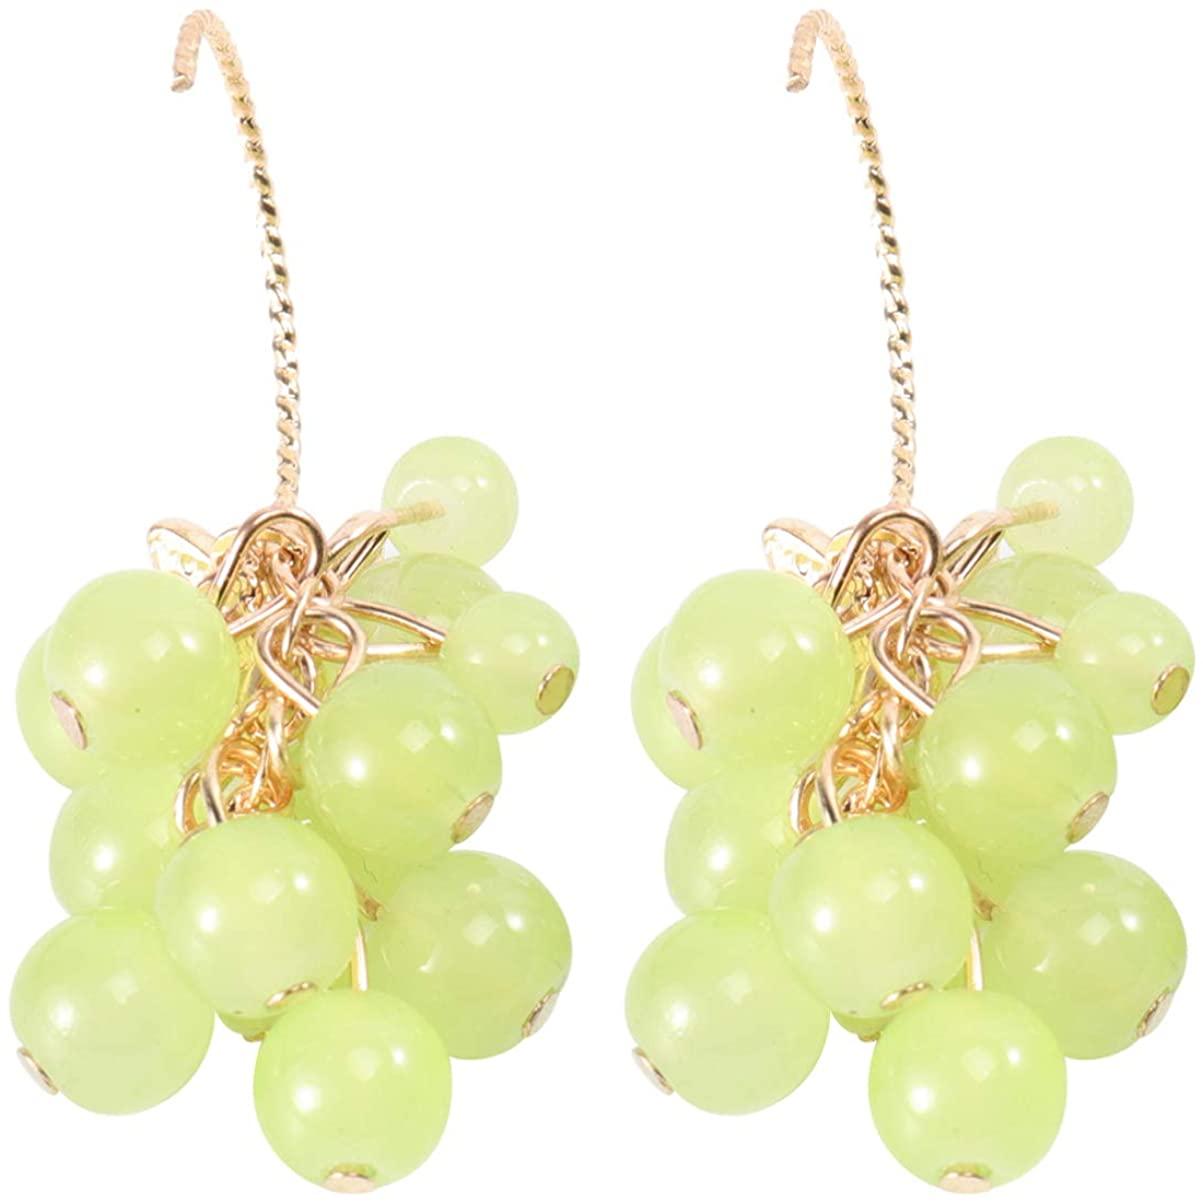 Holibanna Hoop Earrings Ear Drops Green Grapes Fruit Ear Hooks Creative Earbob Ear Pendant Jewelry for Party Women Girls